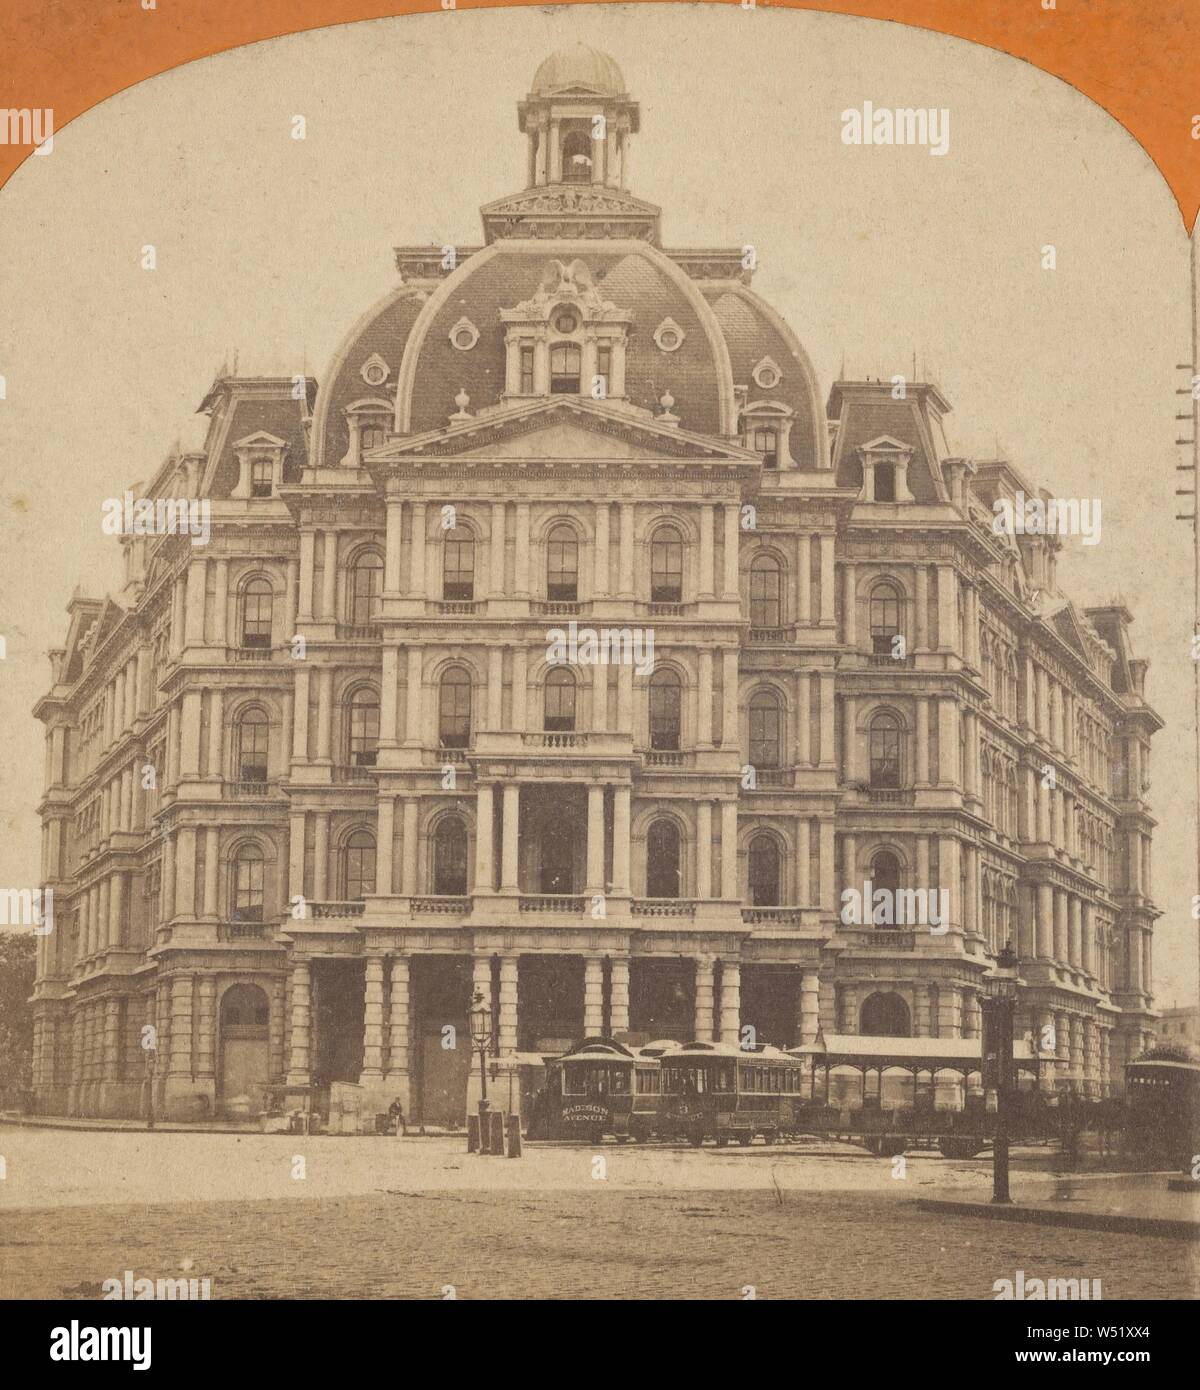 Post, N.Y., Unbekannten, amerikanischen, ca. 1870 - 1880, Eiweiß silber Drucken Stockfoto